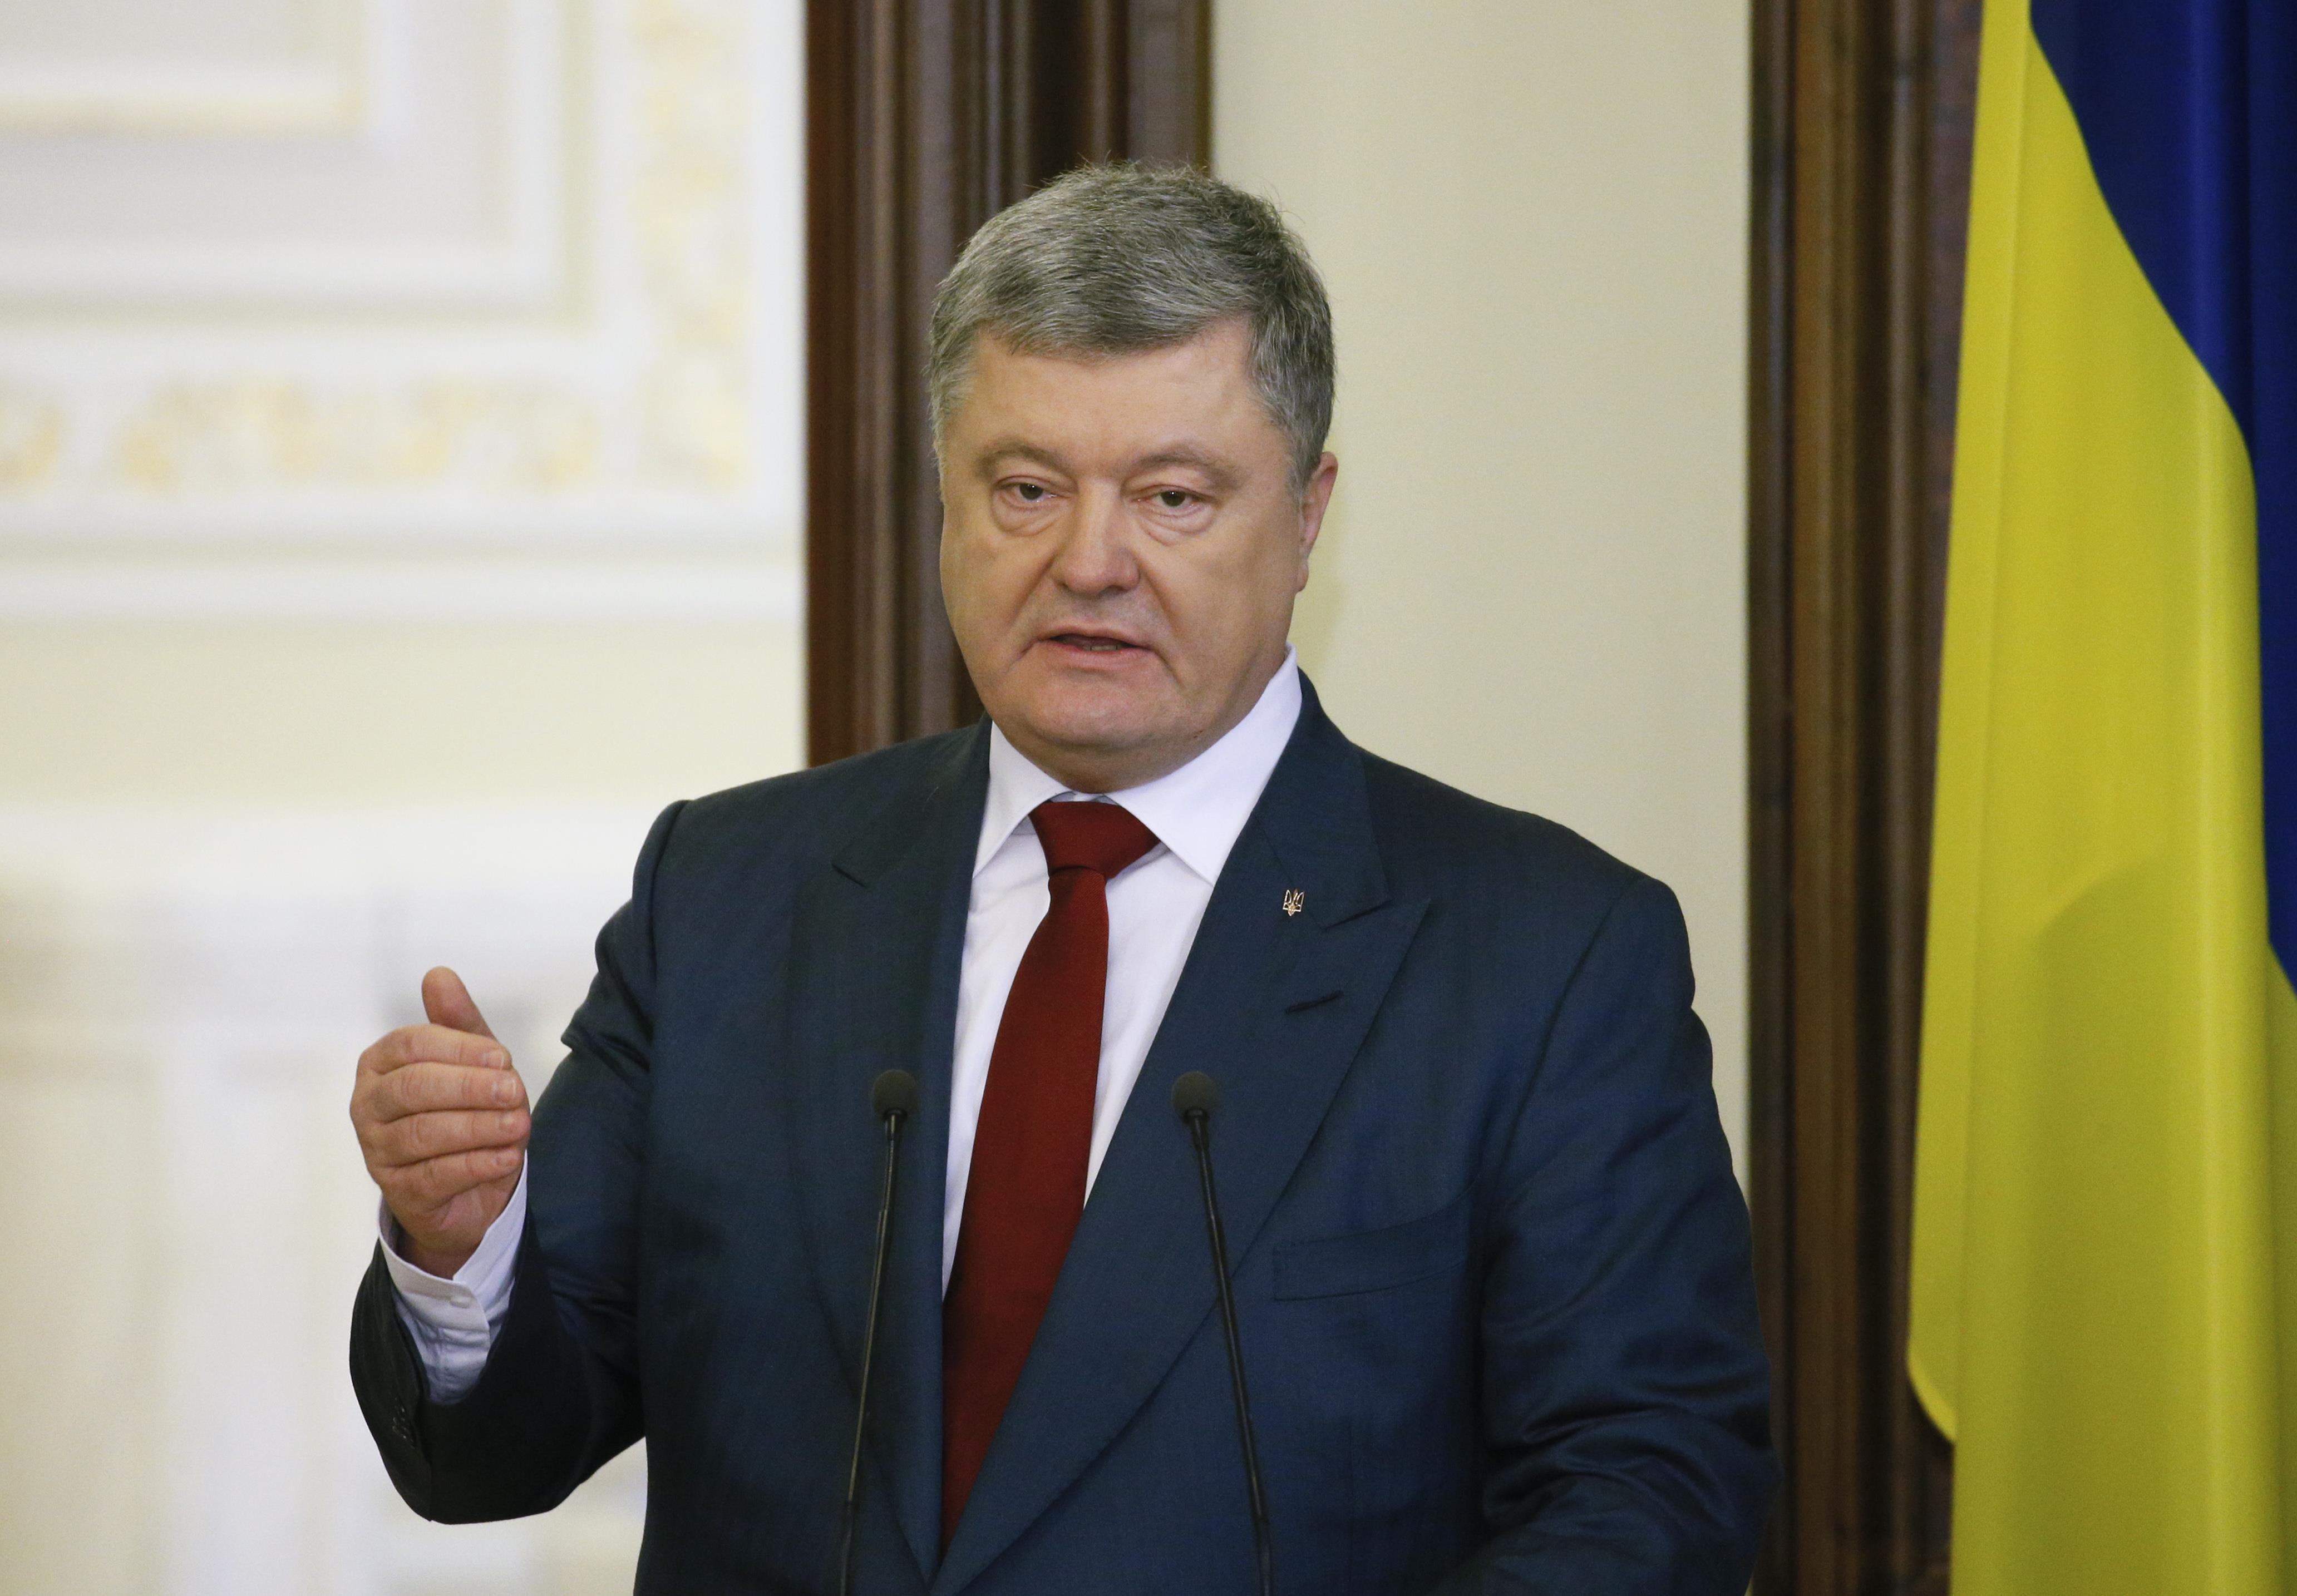 Агрессор настойчиво пытается сместить эпицентр гибридной войны как можно ближе к сердцу Украины, заявил Петр Порошенко